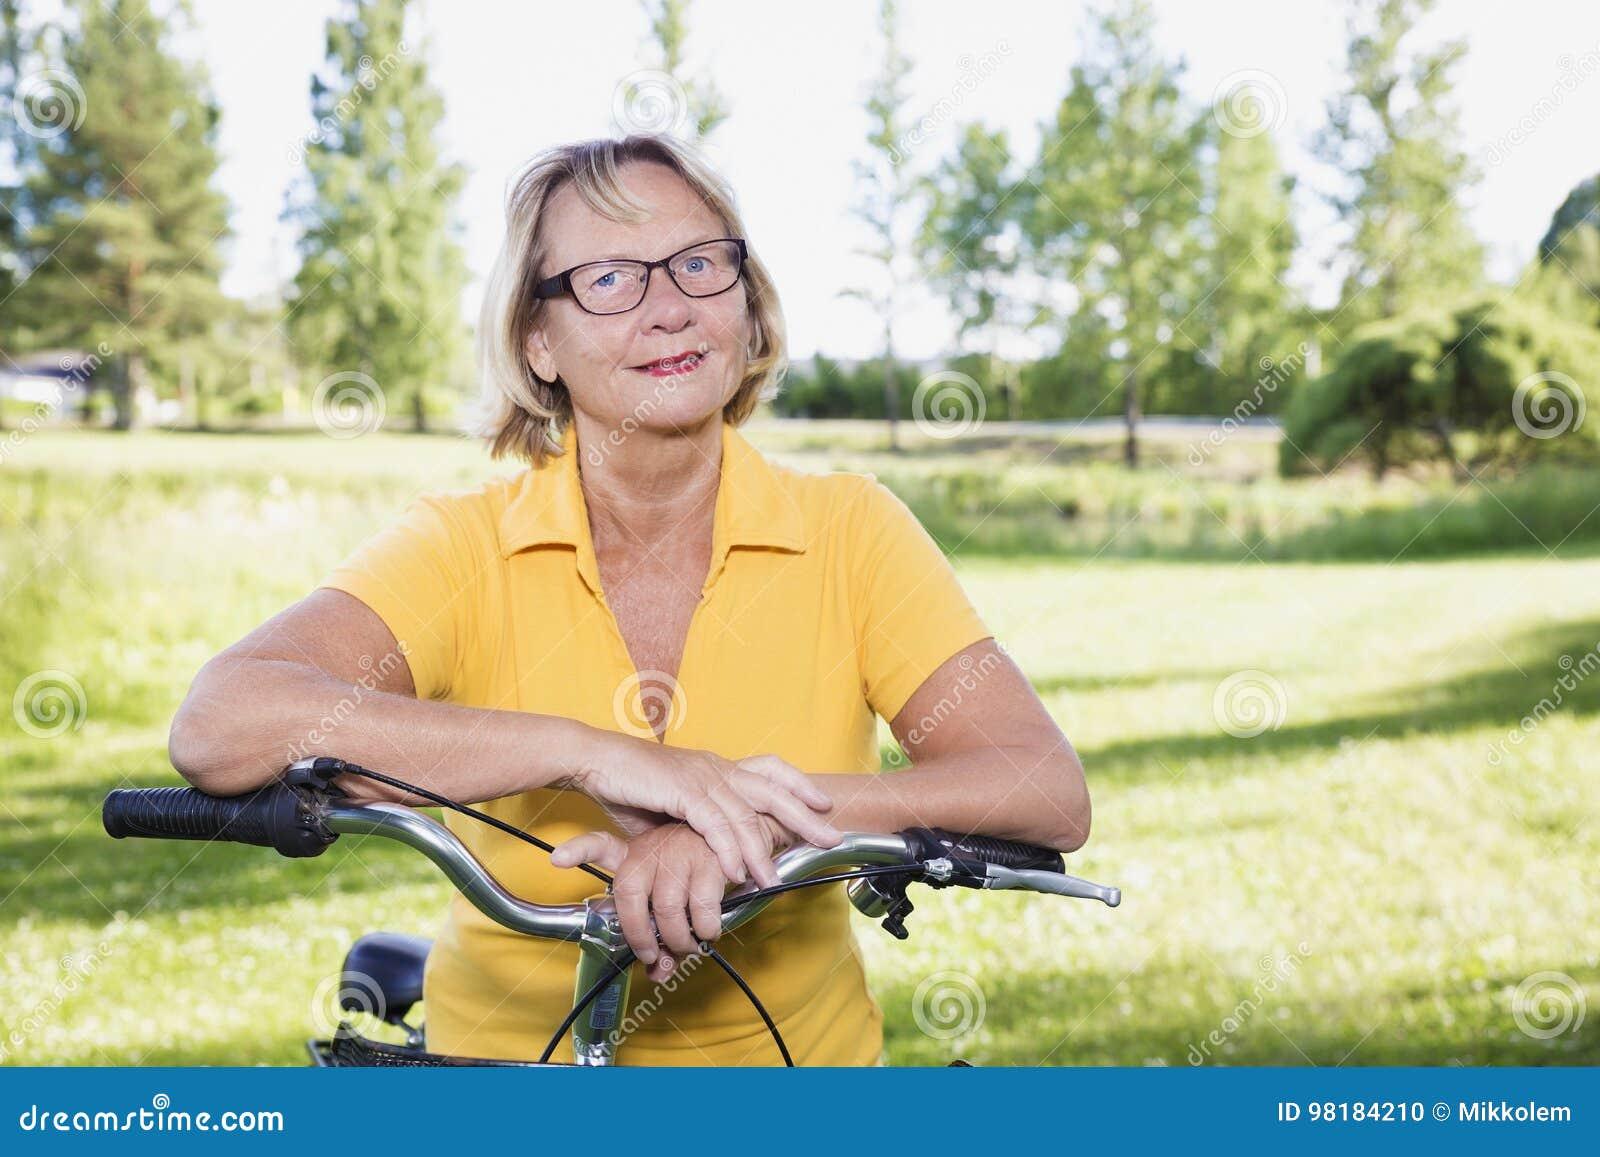 Portret starsza kobieta z bicyklem bierze przerwę